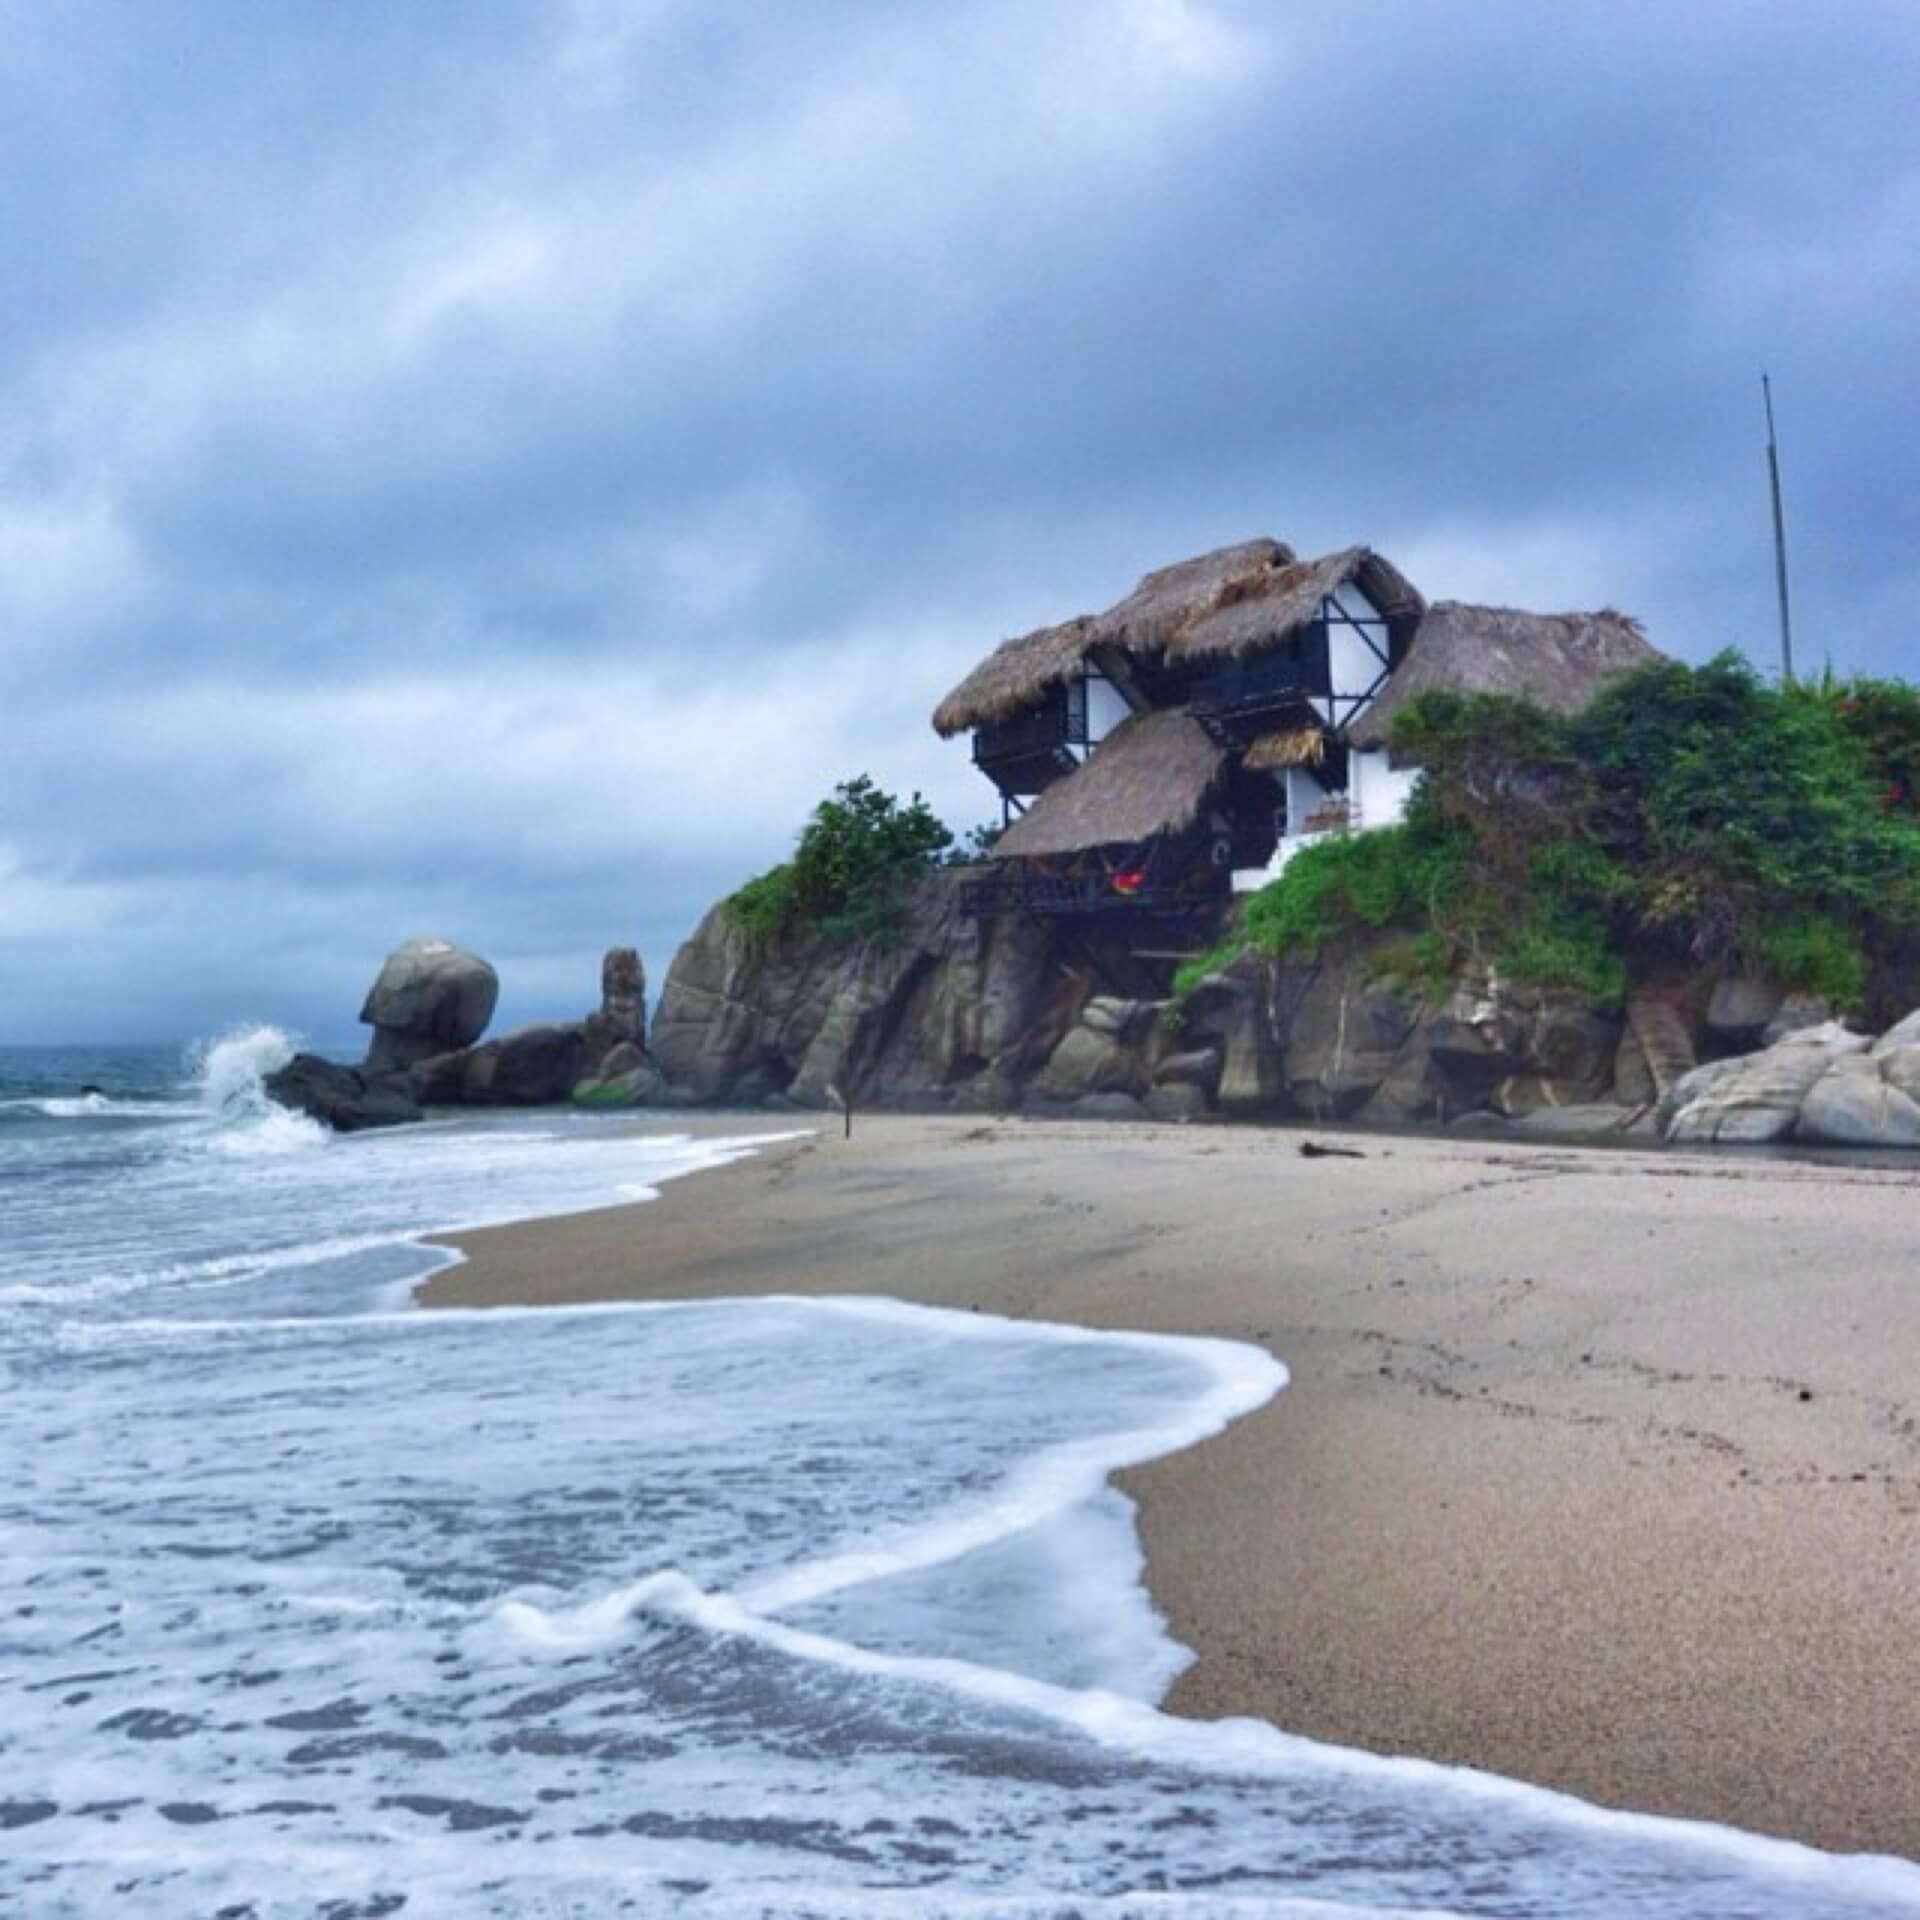 Colombia's Caribbean Coast at the base of the Sierra Nevada de Santa Marta